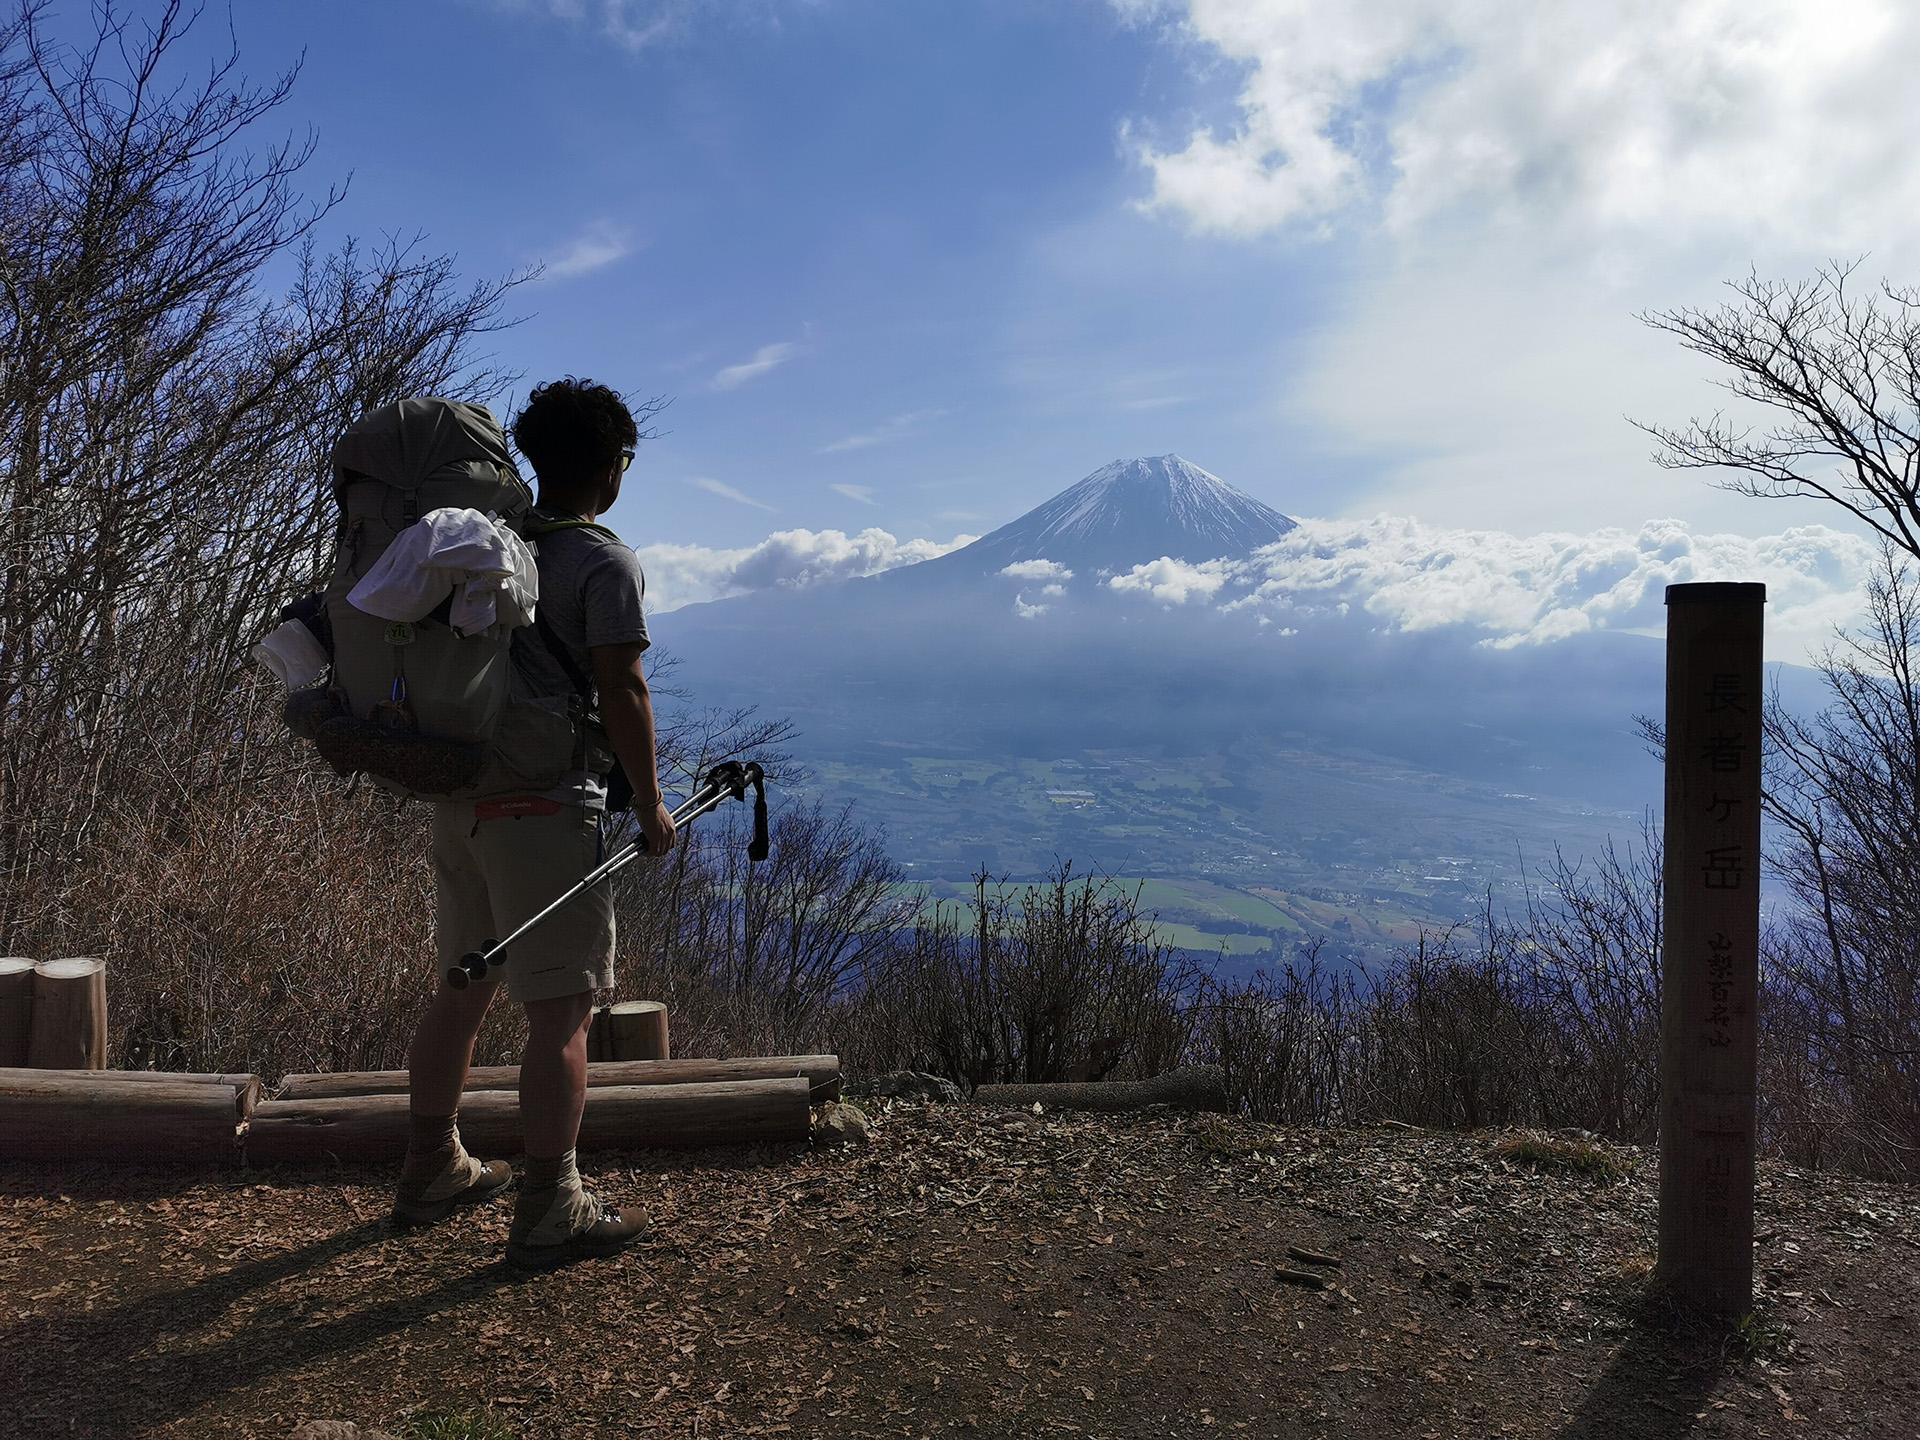 """0_main-1 富士山ロングトレイル・スルーハイカー第1号へ道のり<br>〜第2回 富士山が見せる姿""""トレイル前半編""""〜"""